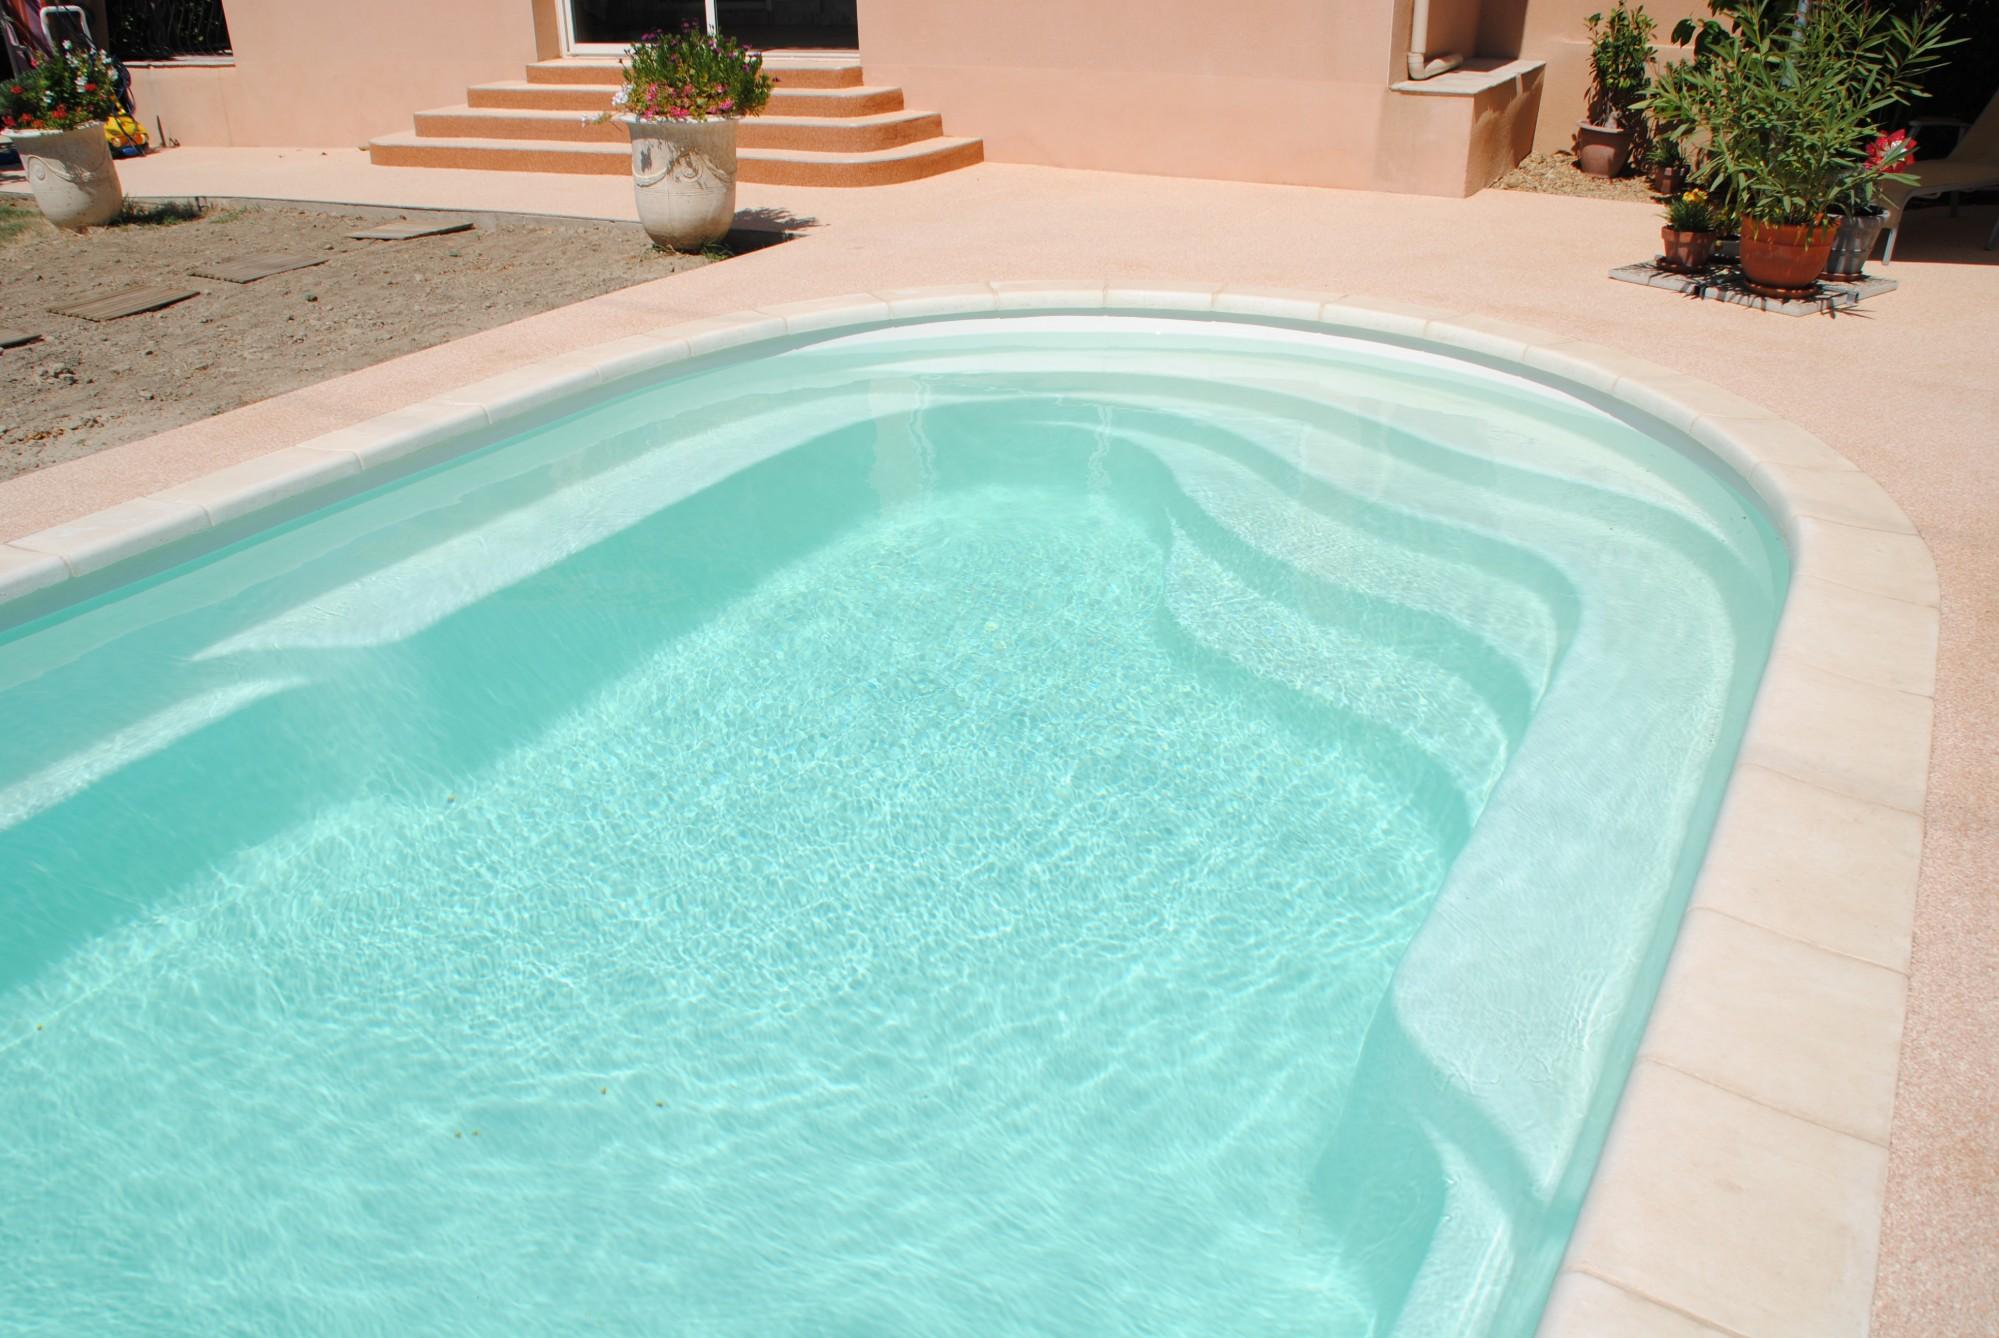 D clic piscines la bonne piscine charente maritime for Piscine coque polyester charente maritime